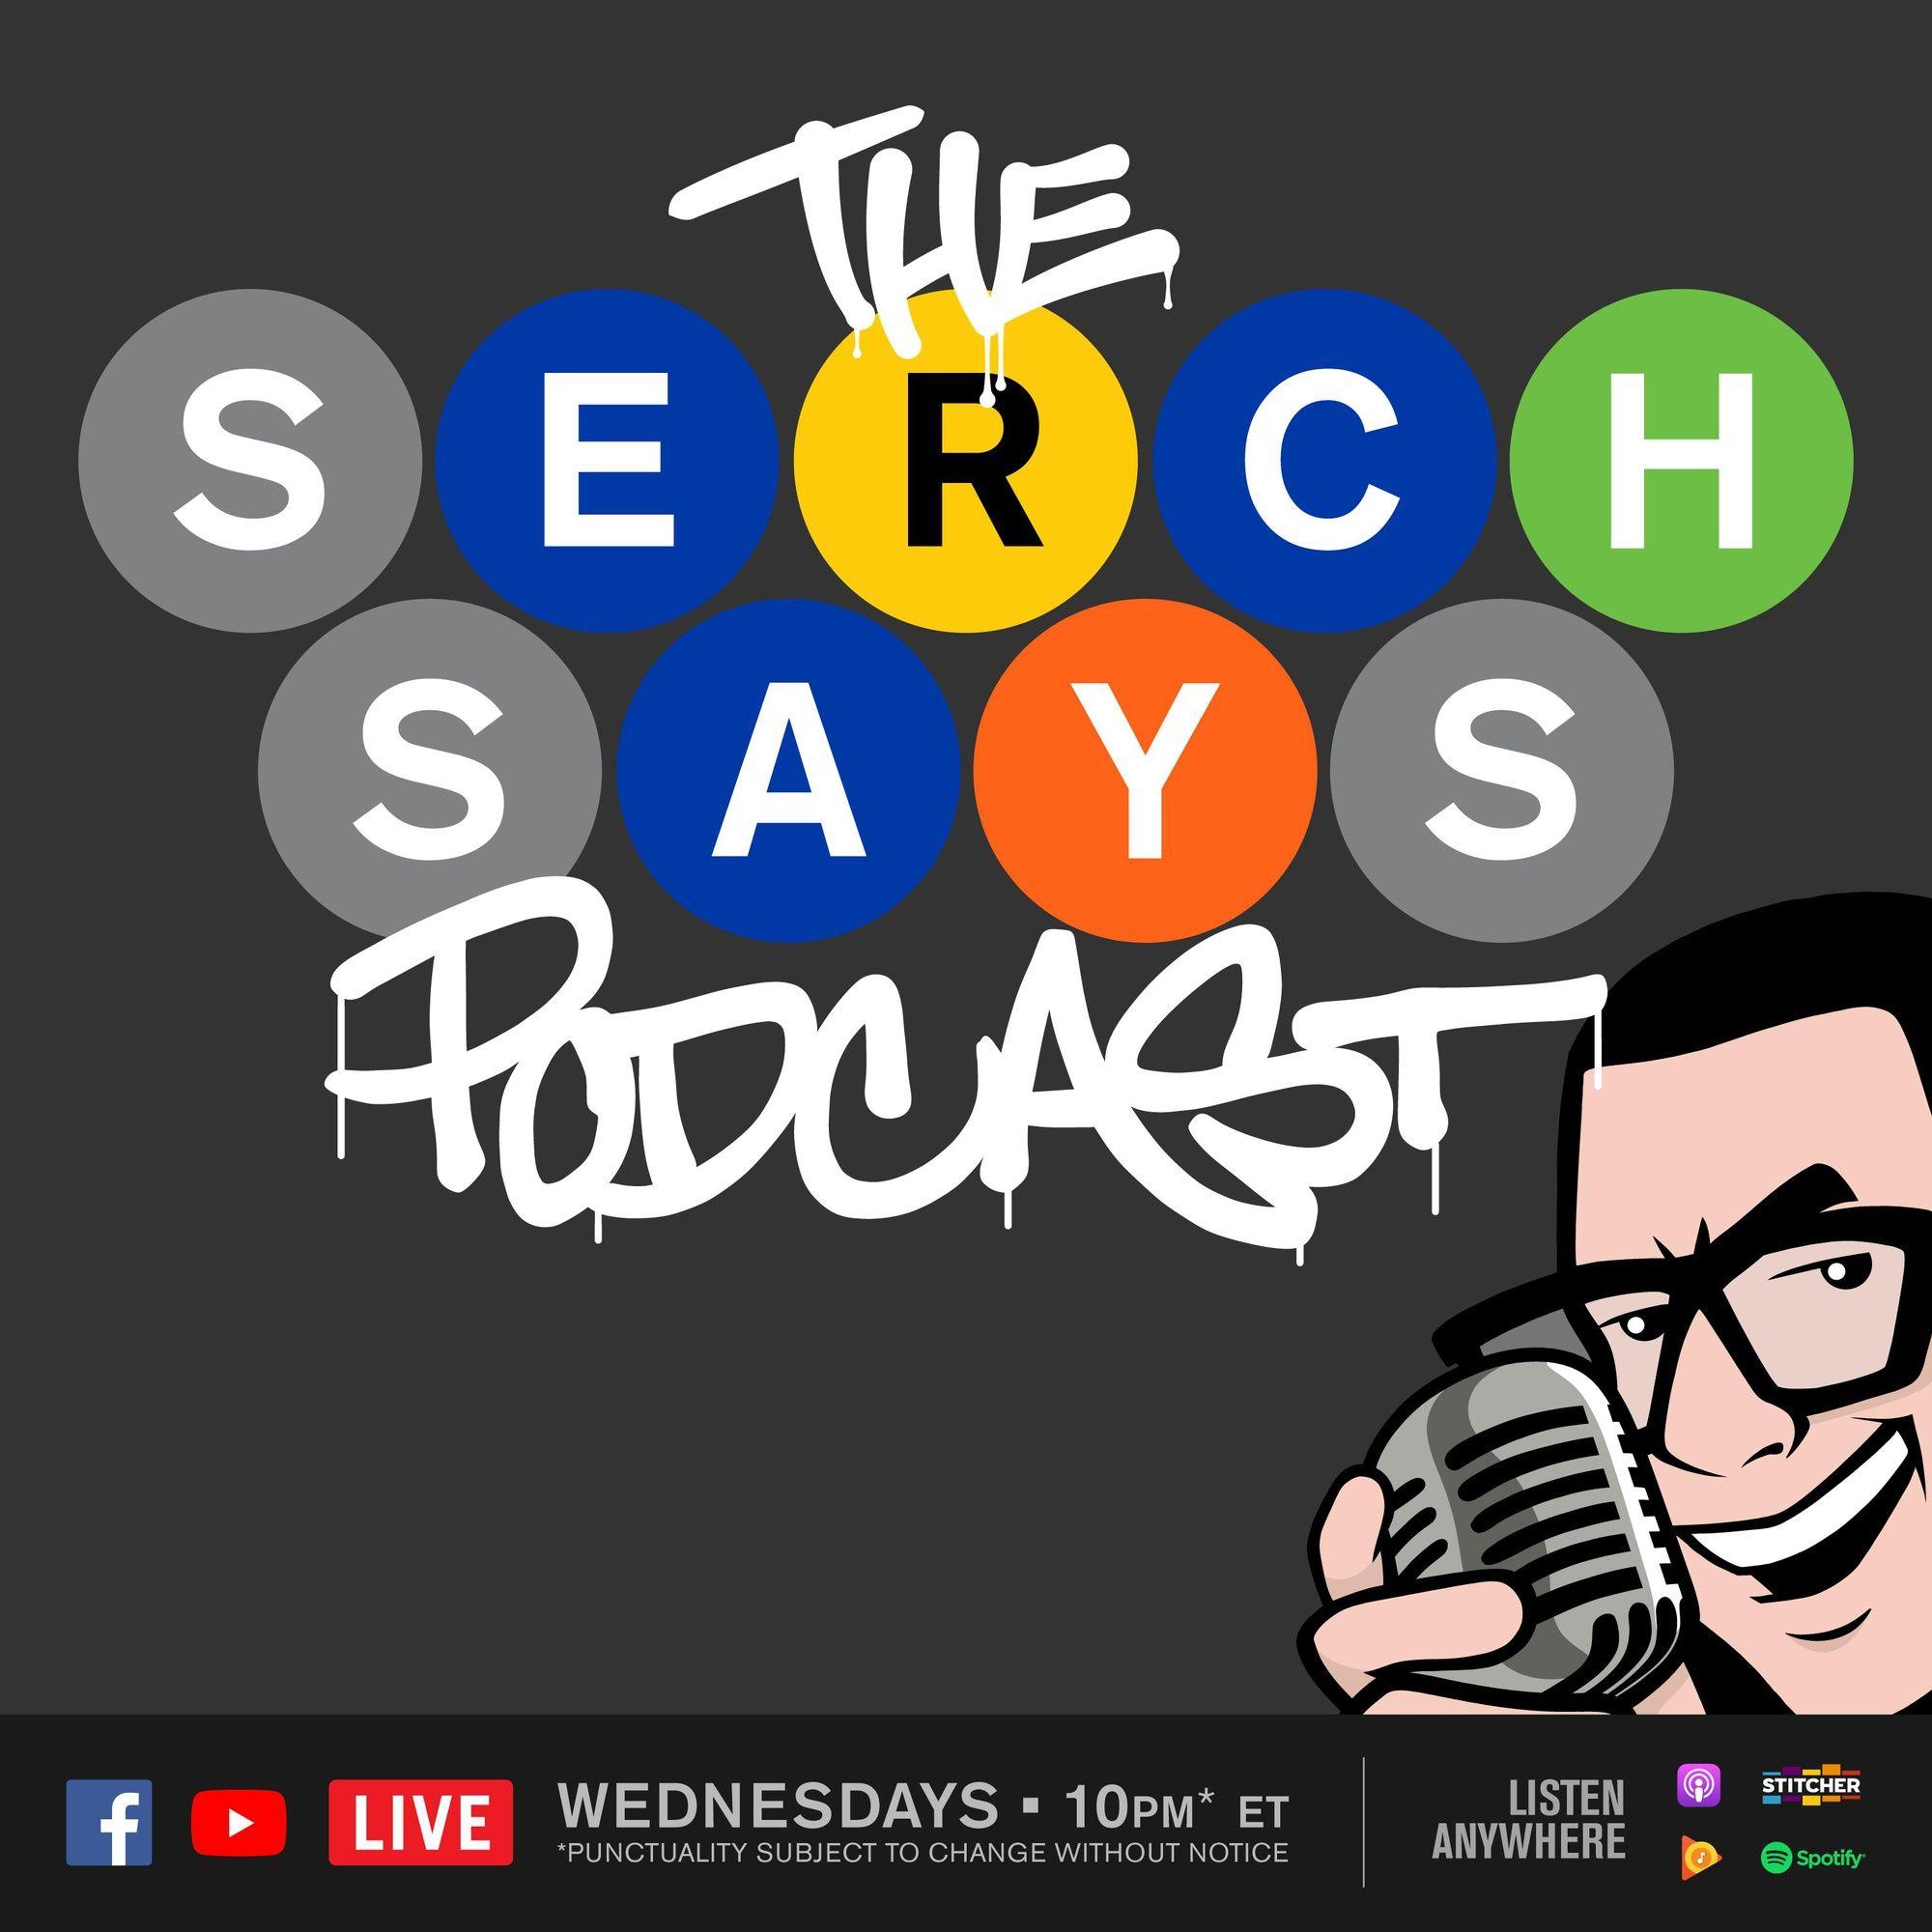 Serch Says